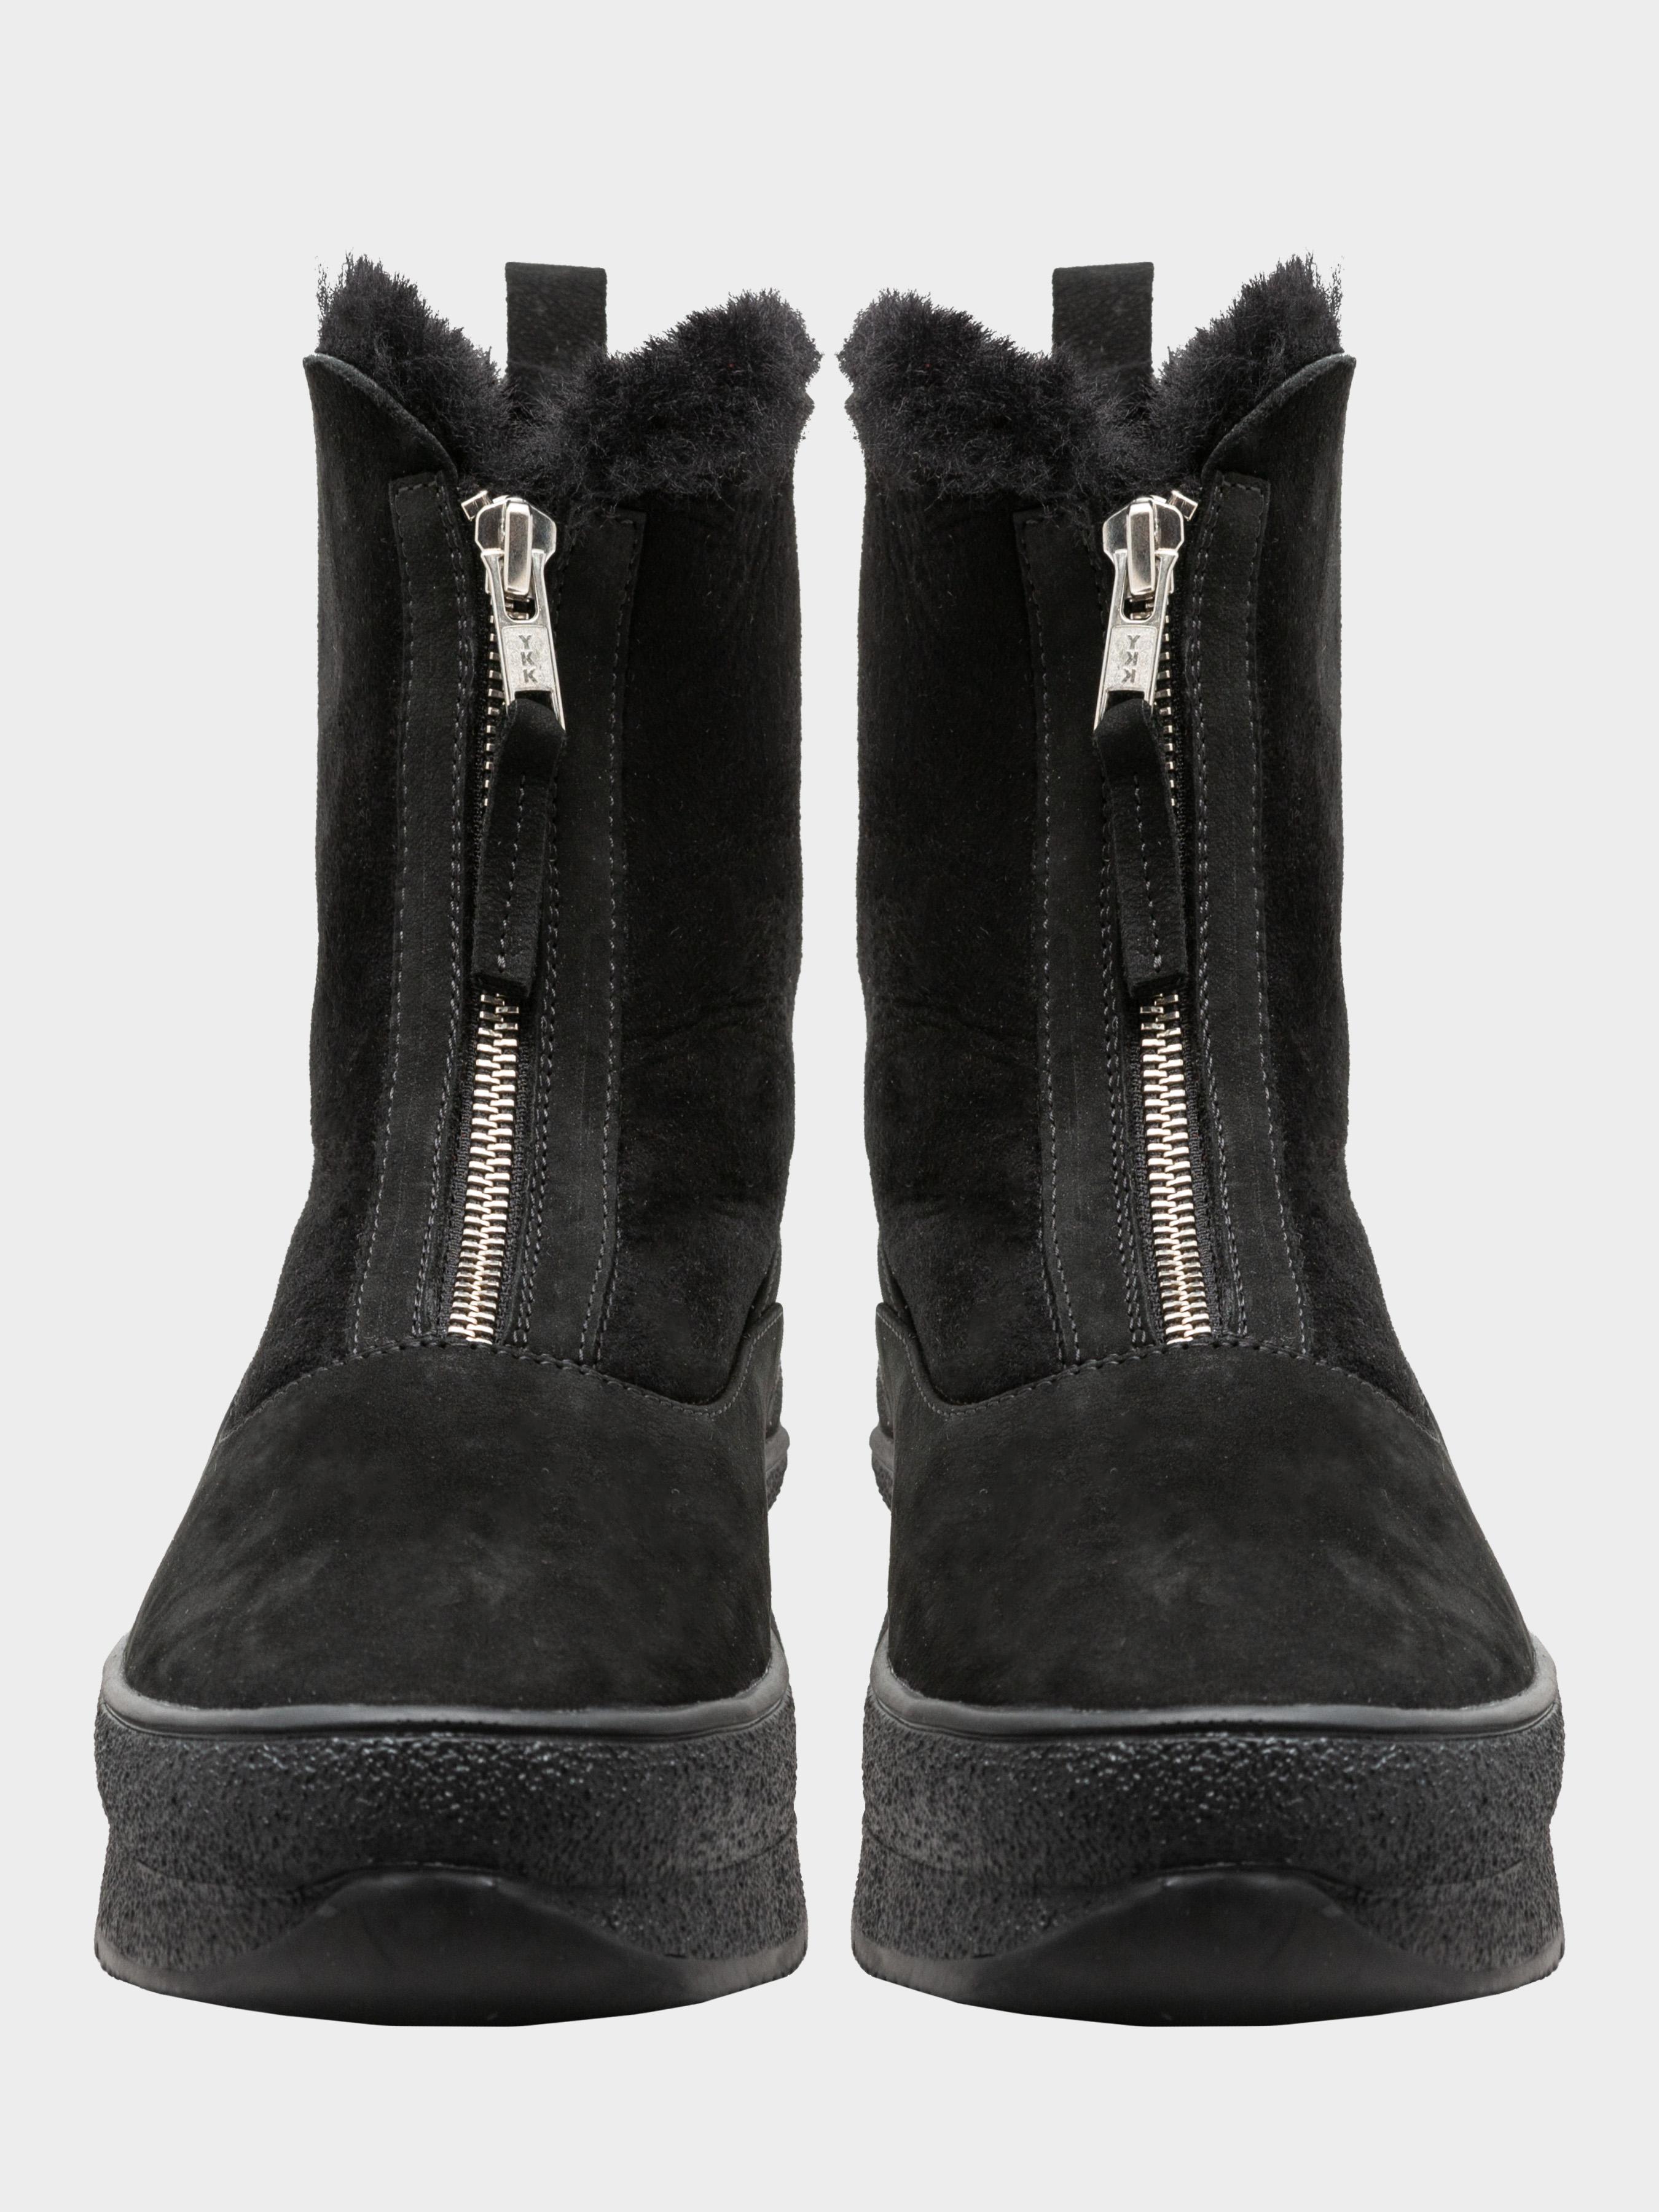 Ботинки для женщин Ботинки женские ENZO VERRATTI 18-1462-8m брендовая обувь, 2017